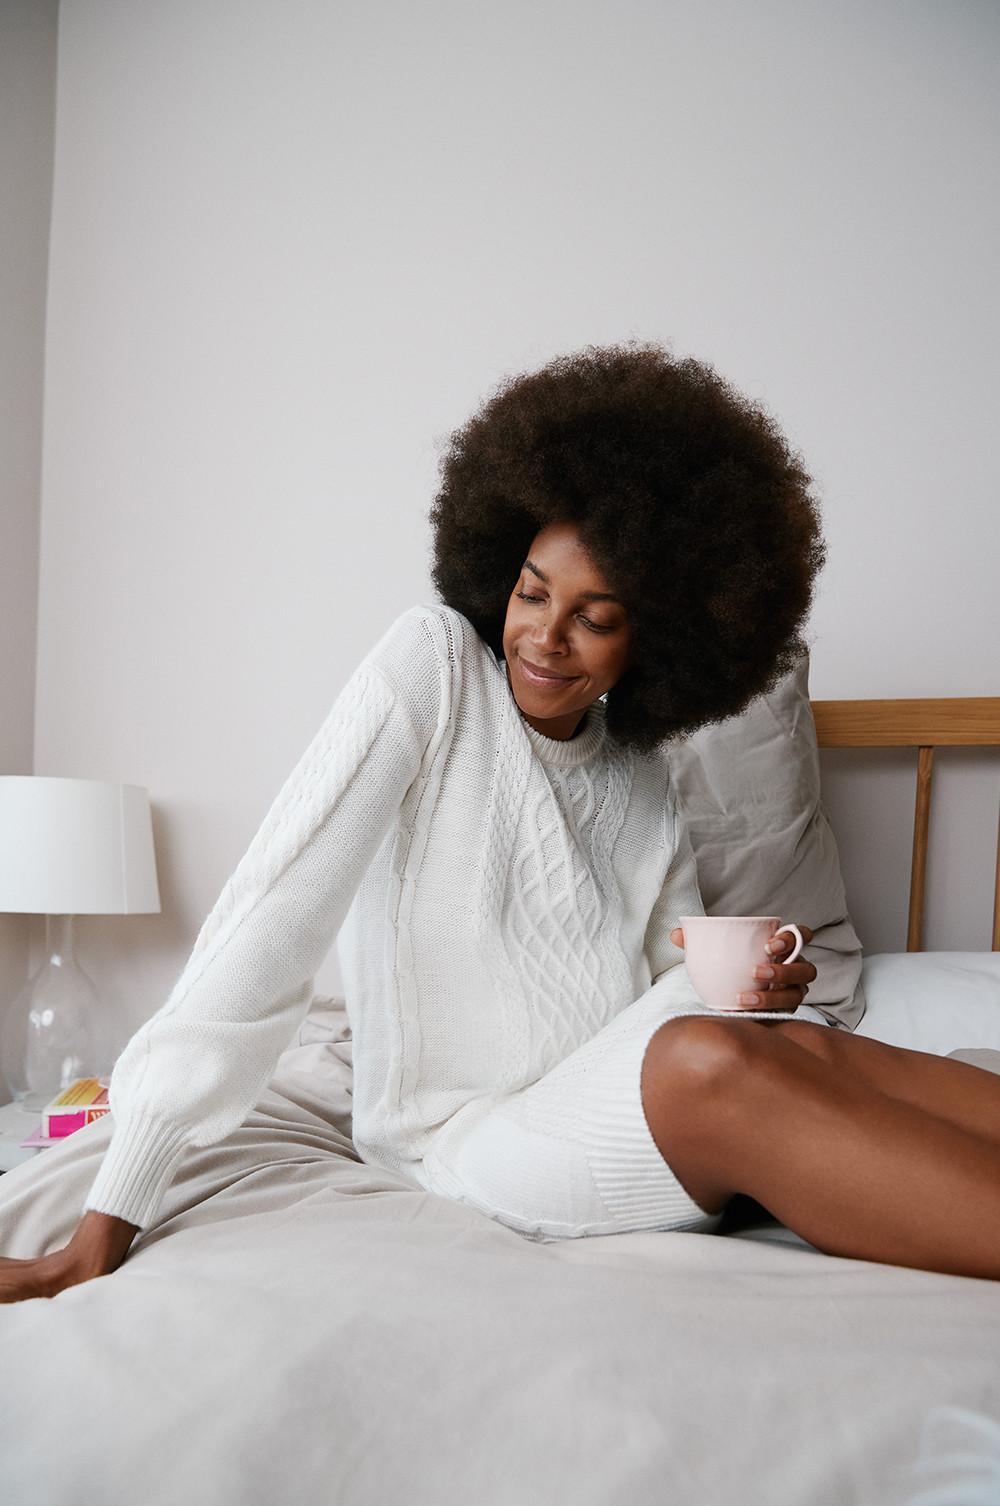 Modelo sentada na cama com um vestido em malha entrançada. A sorrir e a olhar para baixo, ela segura uma chávena de chá equilibrada no joelho